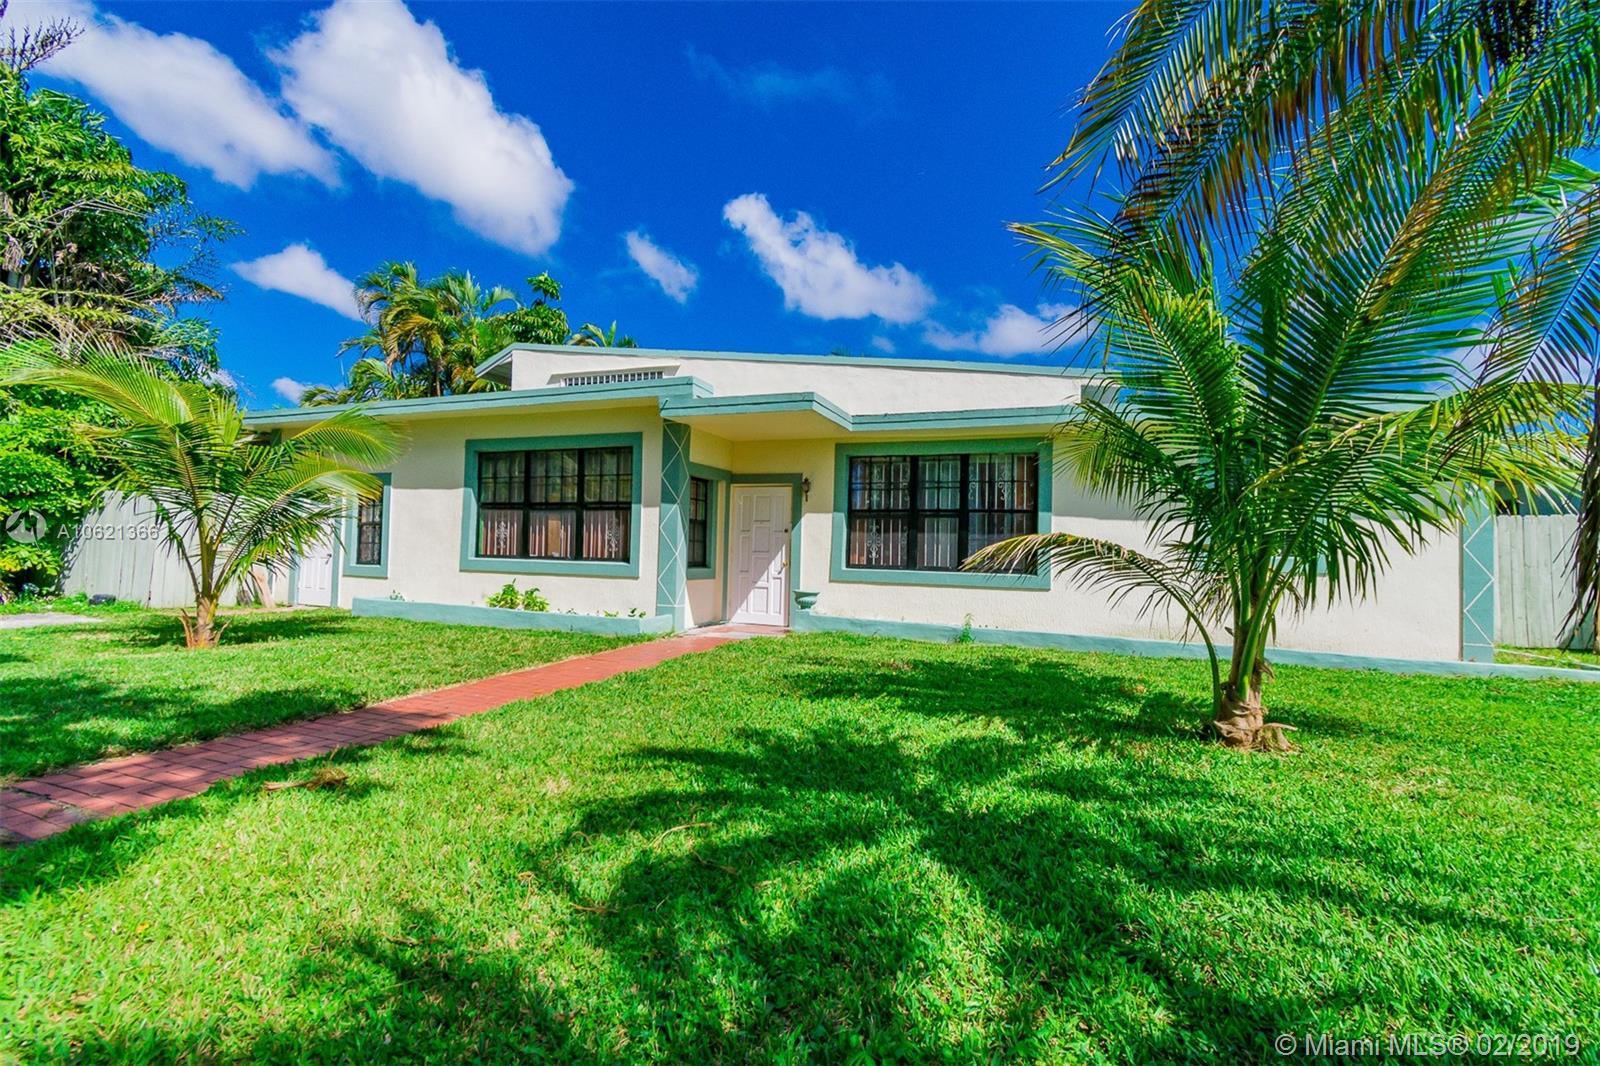 13601 S Biscyayne River Dr, Miami, FL 33161